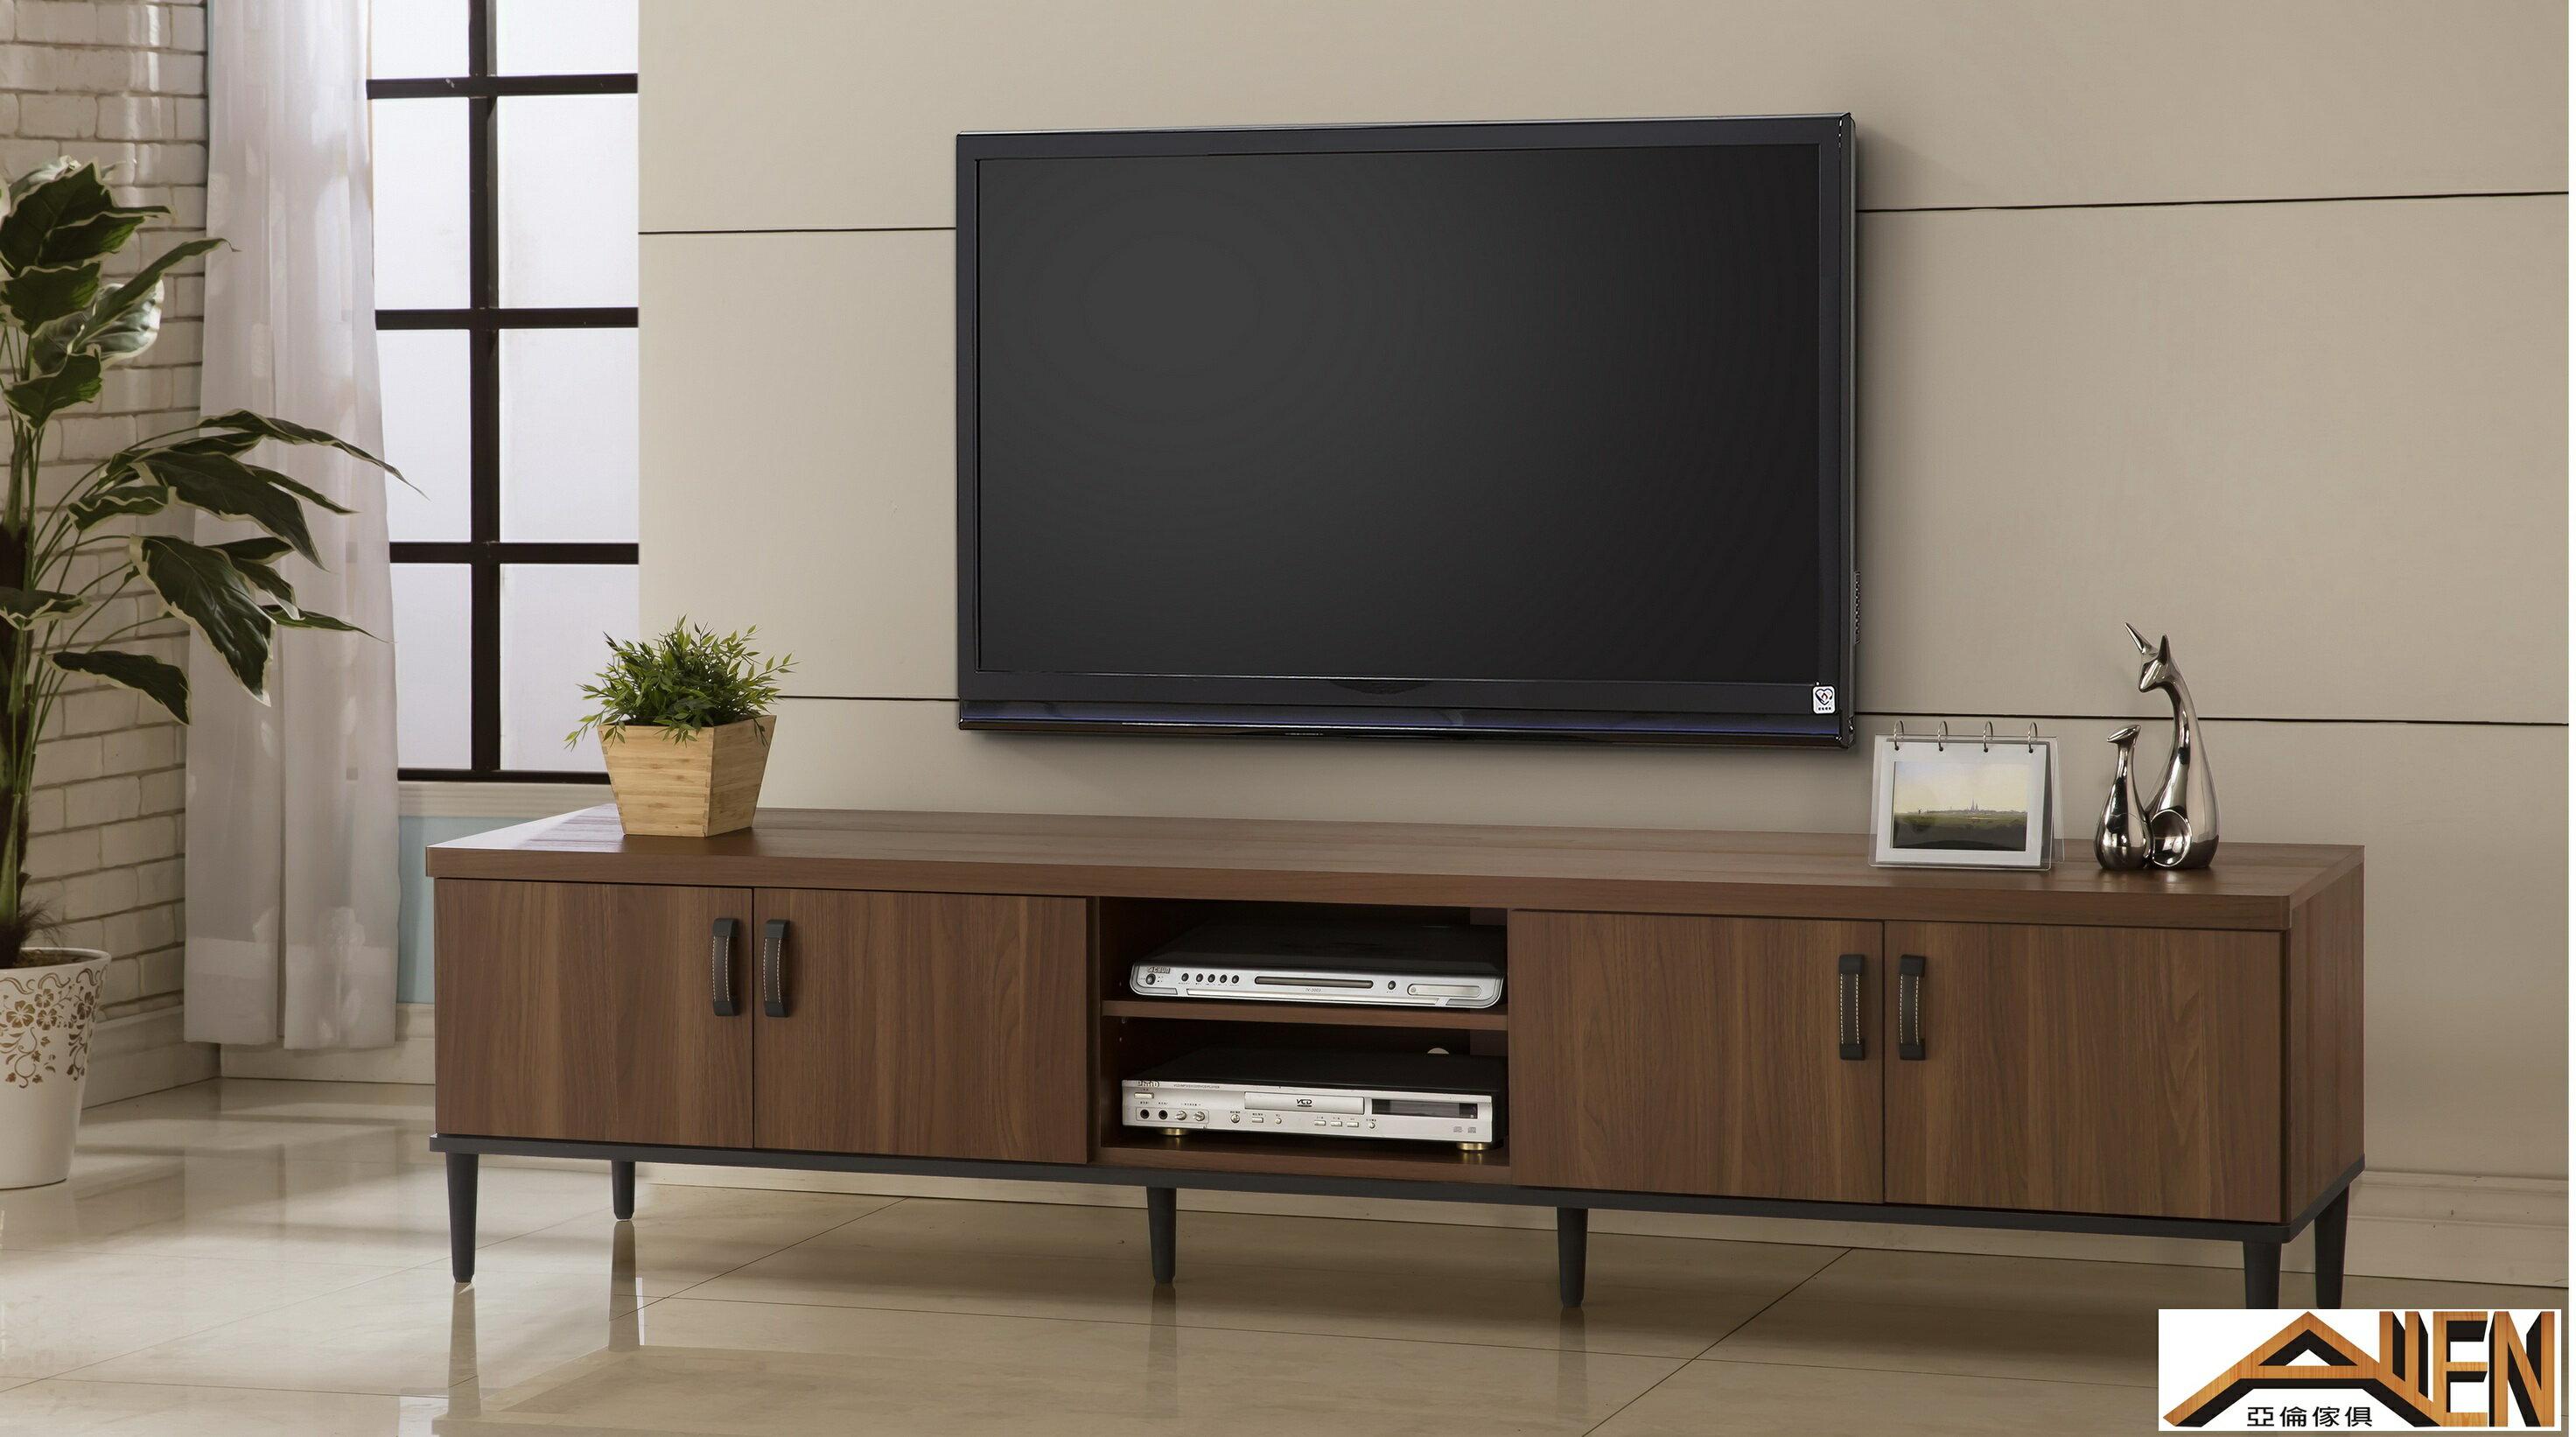 亞倫傢俱*亞當斯立體木紋7尺電視櫃